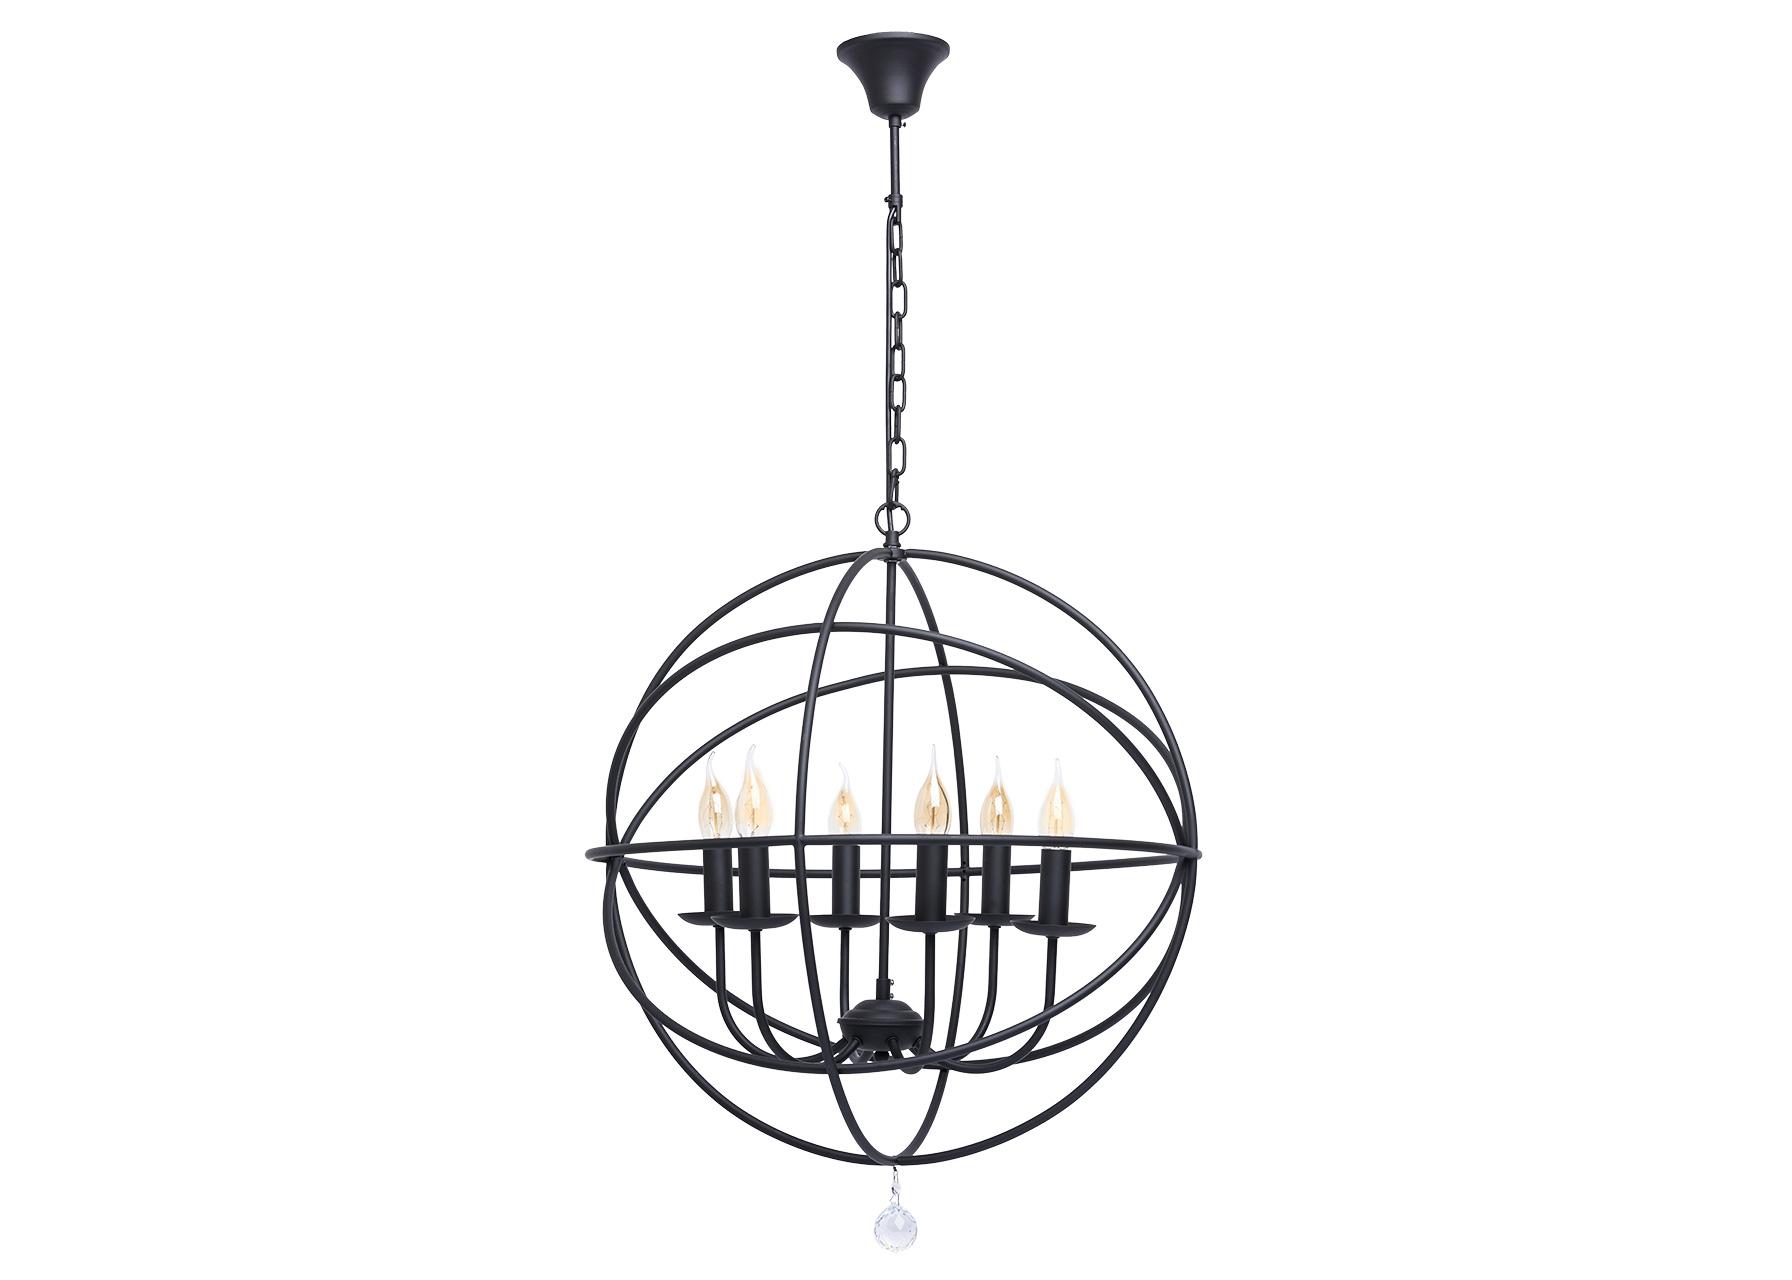 Подвесной светильникЛюстры подвесные<br>&amp;lt;div&amp;gt;Необычная люстра из коллекции «Замок» сочетает в себе &amp;amp;nbsp;элементы брутальности и современного дизайна. Матовое чёрное основание из металла выполнено в кованой стилистике, а источники света в виде свеч создают атмосферу старых дворцовых интерьеров. &amp;amp;nbsp;Свечи заключены внутри сферы из металлических колец. Подобная необычная композиция – идеальное решение для людей со вкусом, ценящих оригинальные решения в интерьере. Рекомендуемая площадь освещения – 18 кв.м.&amp;lt;/div&amp;gt;&amp;lt;div&amp;gt;Арматура выполнена из сплава металла и окрашена в черный цвет. Декоративные напатронники &amp;amp;nbsp;также окрашены в черный цвет и имитируют оплавленную свечу. Оригинальным декоративным приемом является переплетение сферических окружностей, также выполненных из сплава металла и окрашенных в черный цвет. Светильник декорирован подвесками из хрусталя сферической формы с высокой степенью огранки.&amp;lt;/div&amp;gt;&amp;lt;div&amp;gt;Кованое металлическое основание черного цвета, декоративная подвеска из хрусталя&amp;lt;/div&amp;gt;&amp;lt;div&amp;gt;6*60W E14 220 V&amp;lt;/div&amp;gt;<br><br>Material: Металл<br>Height см: 115<br>Diameter см: 62